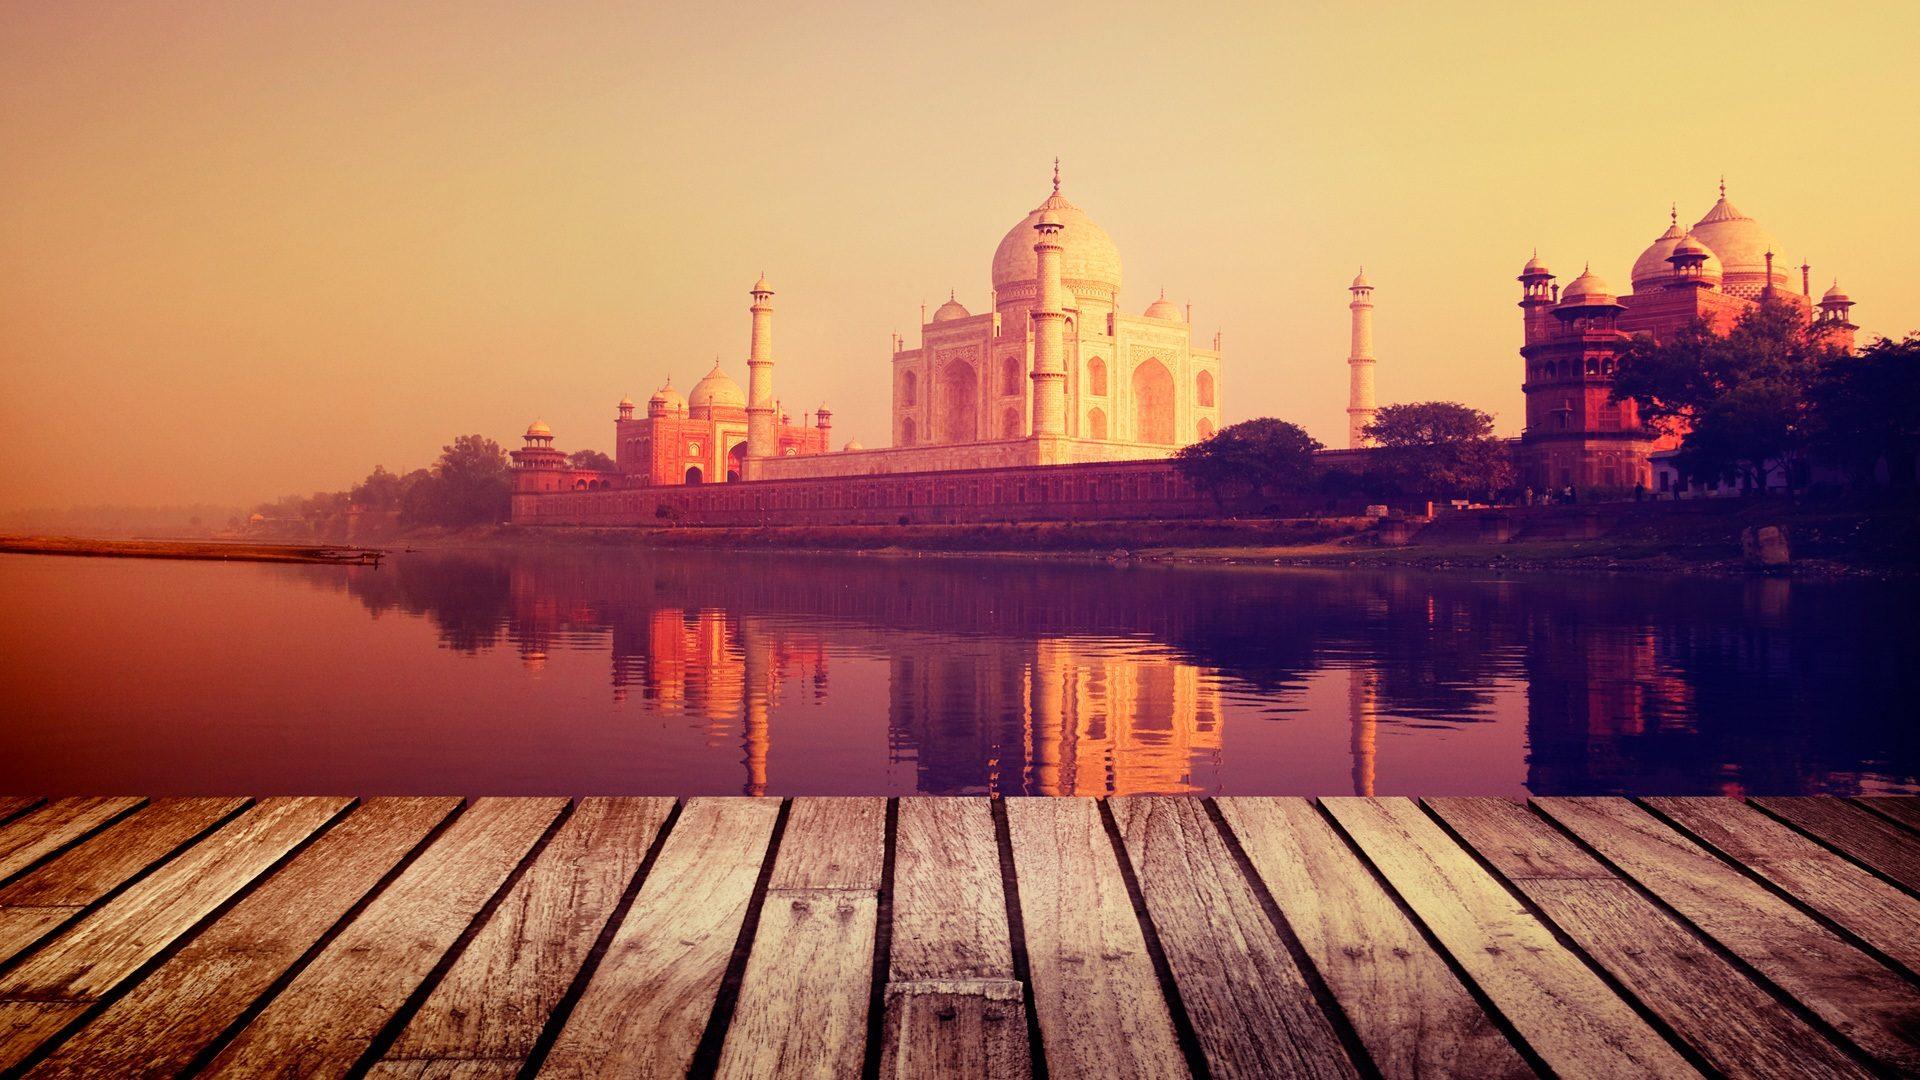 Träumen Sie davon, einen Ort voller Geheimnisse zu besuchen? - Indien lag träumend da! Wer auf der Suche nach neuen Emotionen und Erlebnisse ist, der findet die Reiseinformation und Tipps für ein unvergessliches Indien Reisenin unserem Artikel als hilfreich.